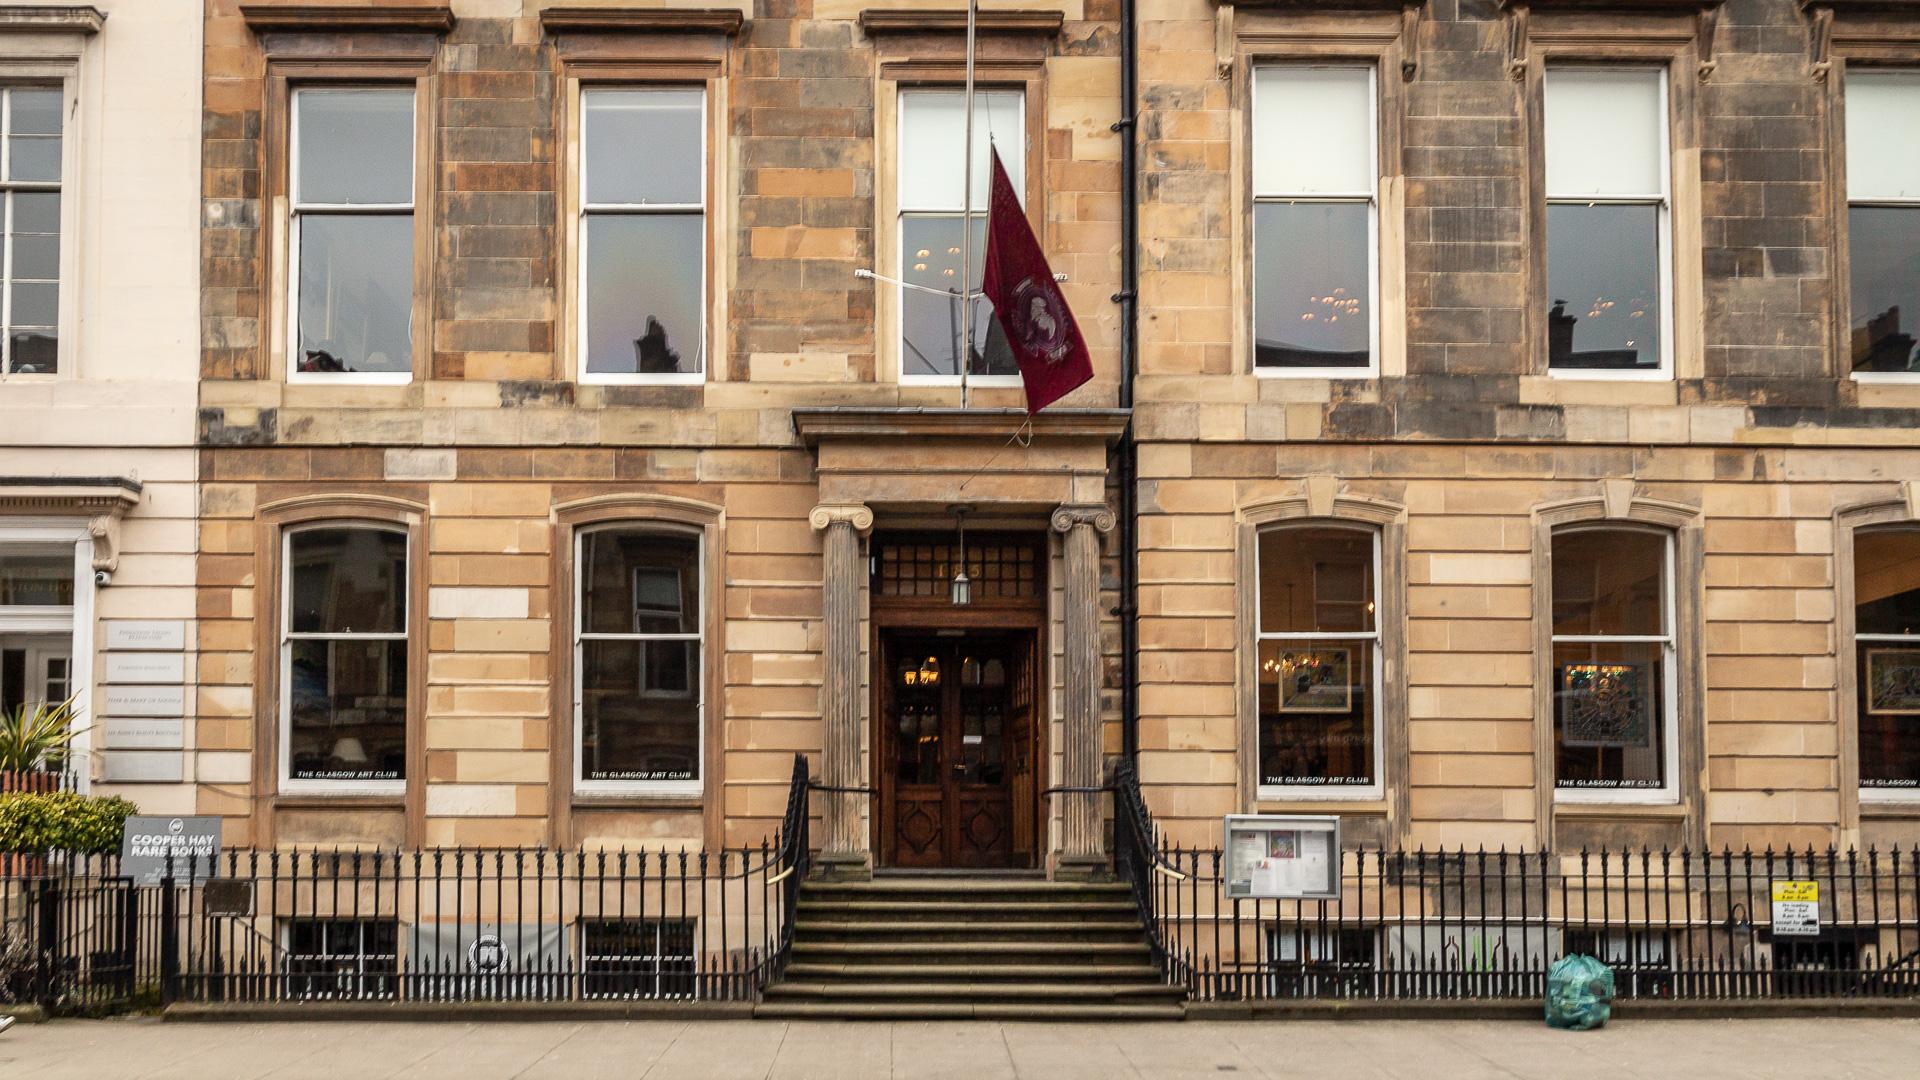 Fassade des Clubs in der Bath Street